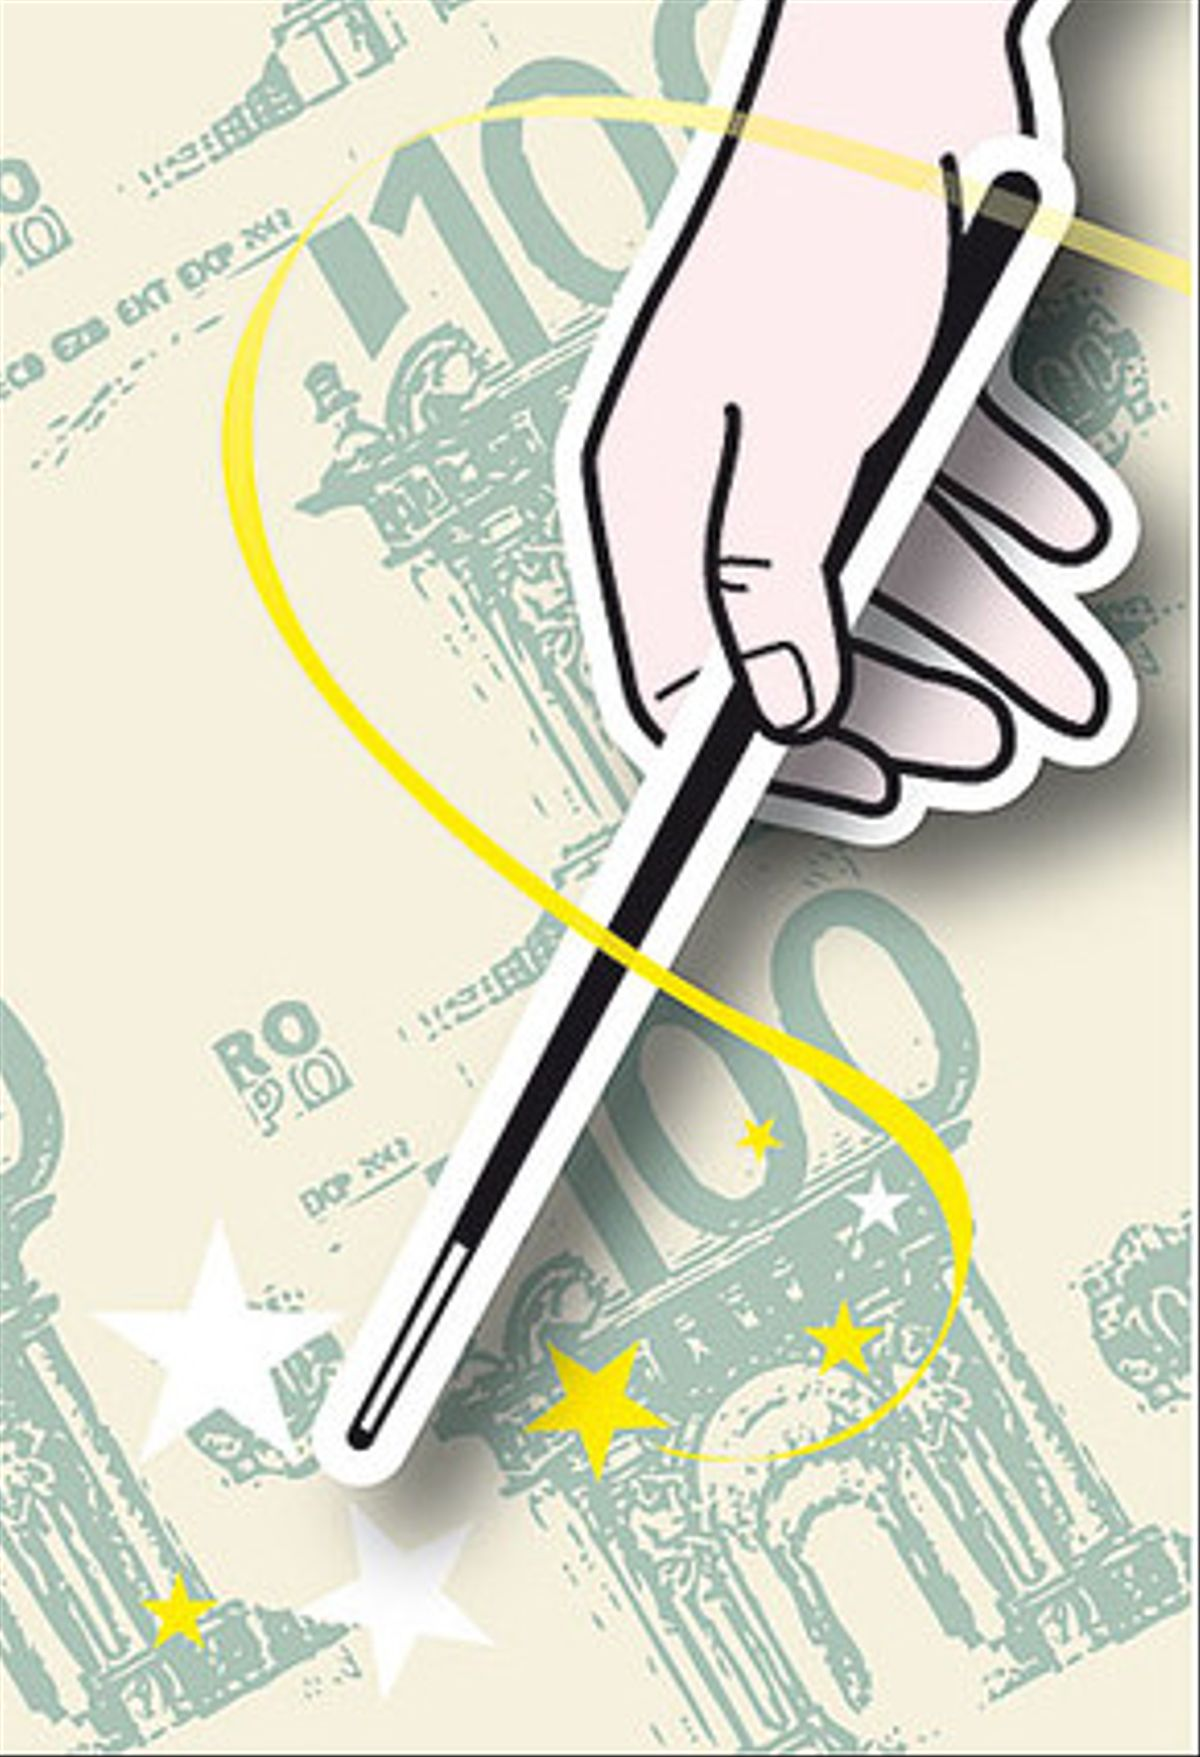 Déficit o reactivación económica